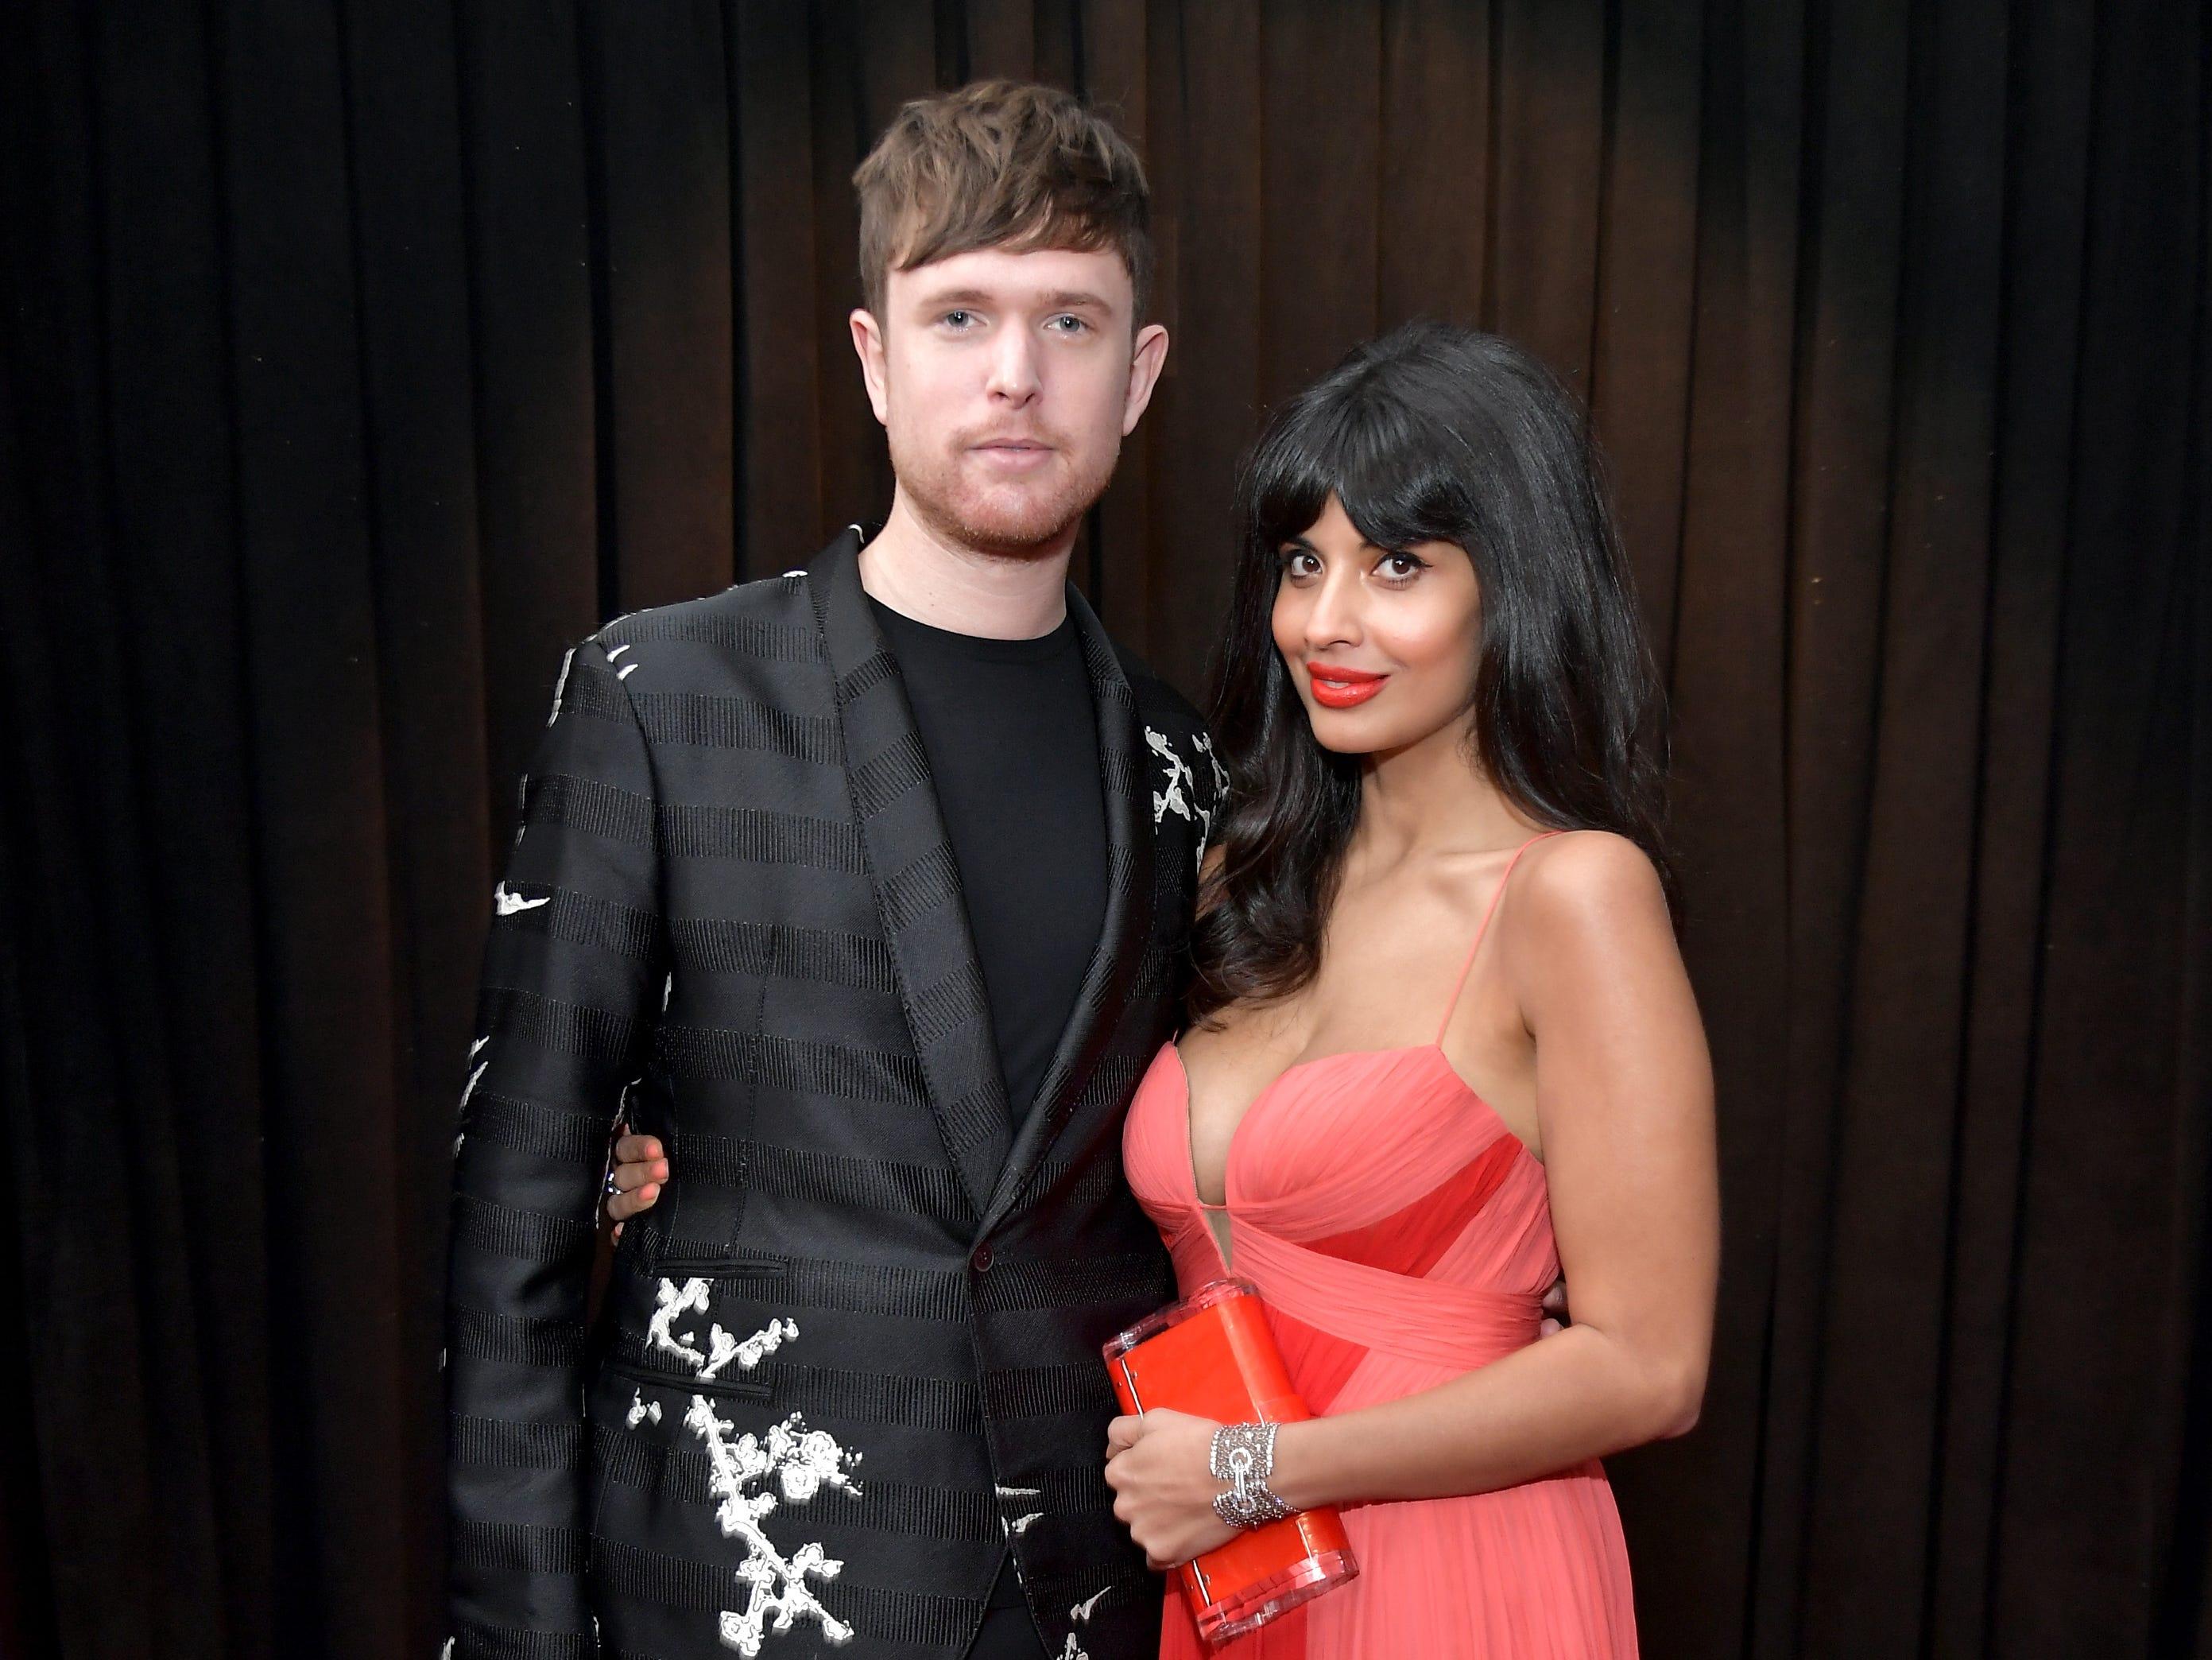 James Blake y Jameela Jamil asisten a la 61ª edición de los premios GRAMMY en el Staples Center el 10 de febrero de 2019 en Los Ángeles, California.